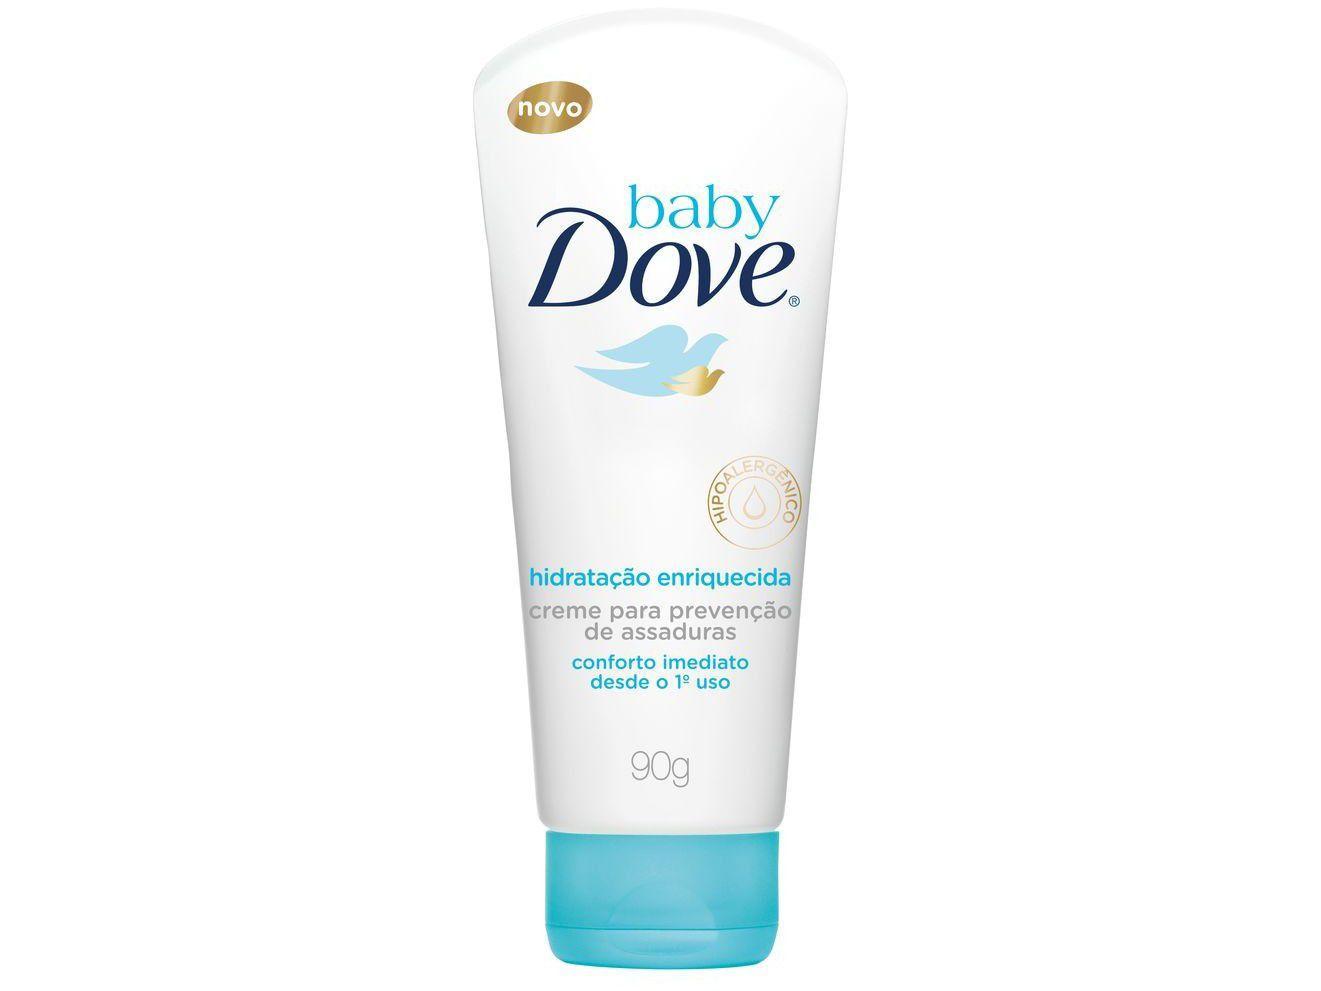 Creme para Prevenção de Assaduras Baby Dove - Hidratação Enriquecida 90g